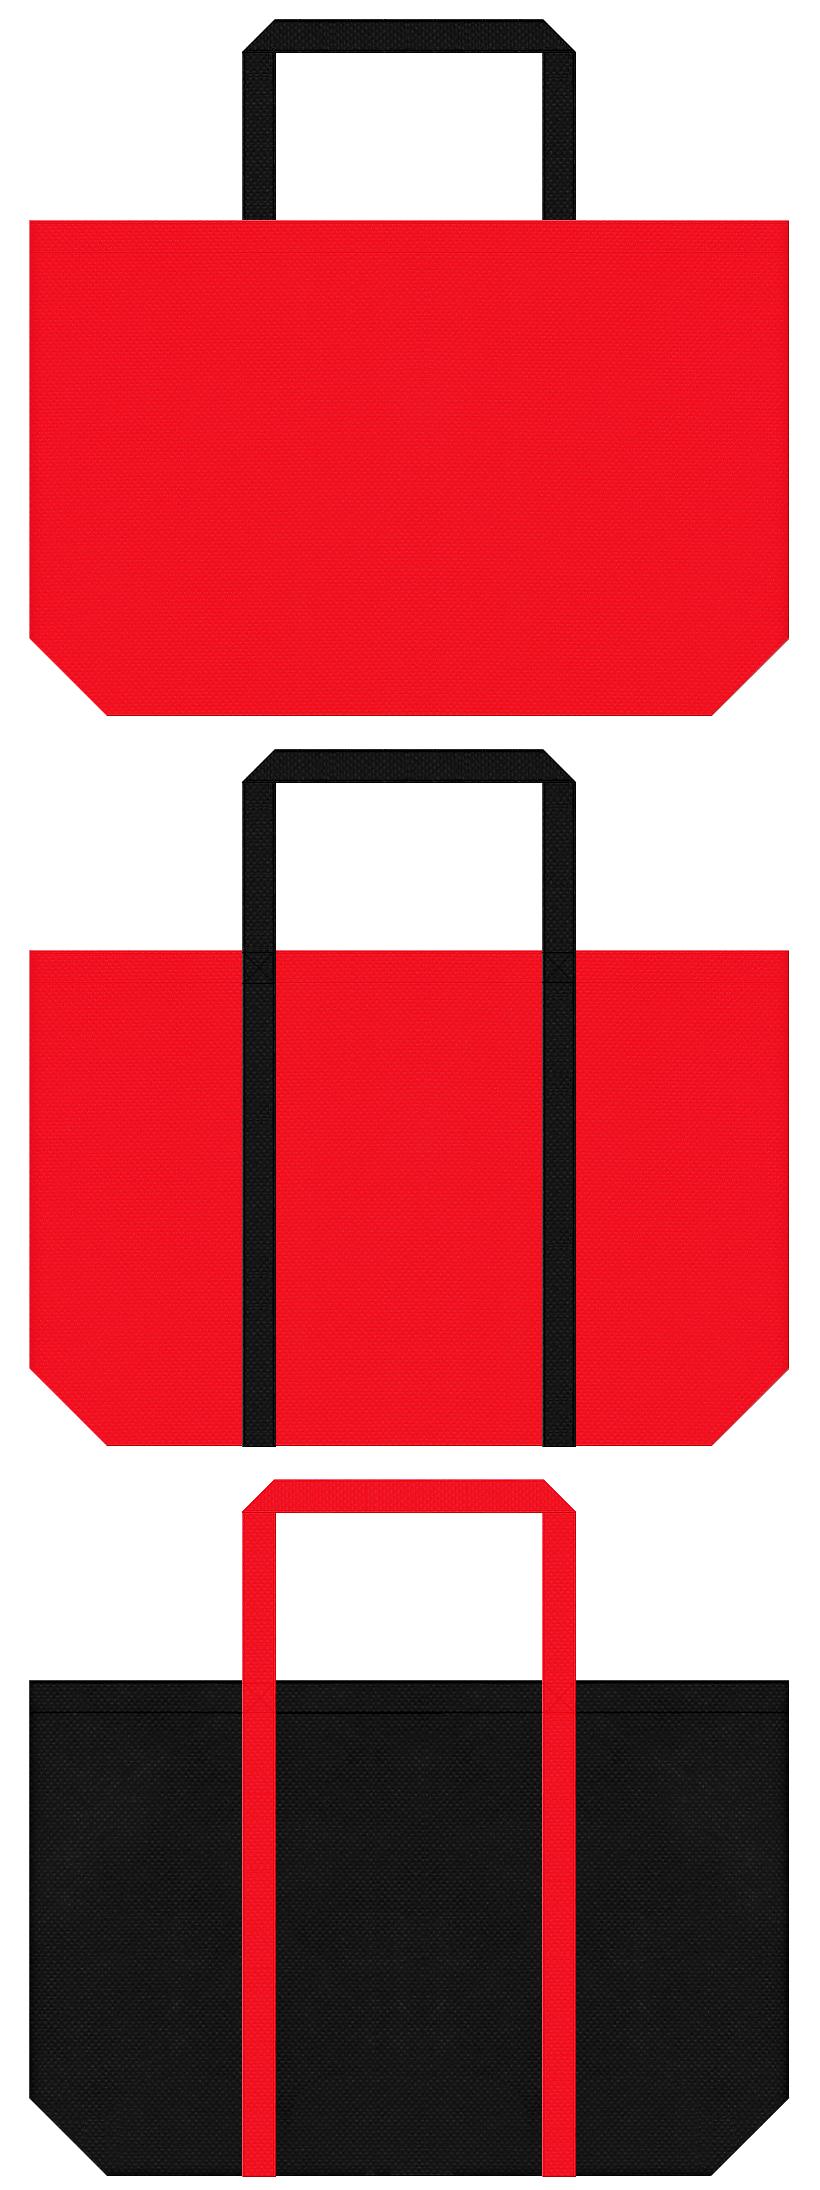 ダーツ・ルーレット・トランプ・カジノ・戦国・赤備え・アクションゲーム・シューティングゲーム・対戦型格闘ゲーム・ゲームの展示会用バッグ・レスキュー・消防団・花火大会・御輿・縁日・法被・提灯・お祭り用品のショッピングバッグにお奨めの不織布バッグデザイン:赤色と黒色のコーデ